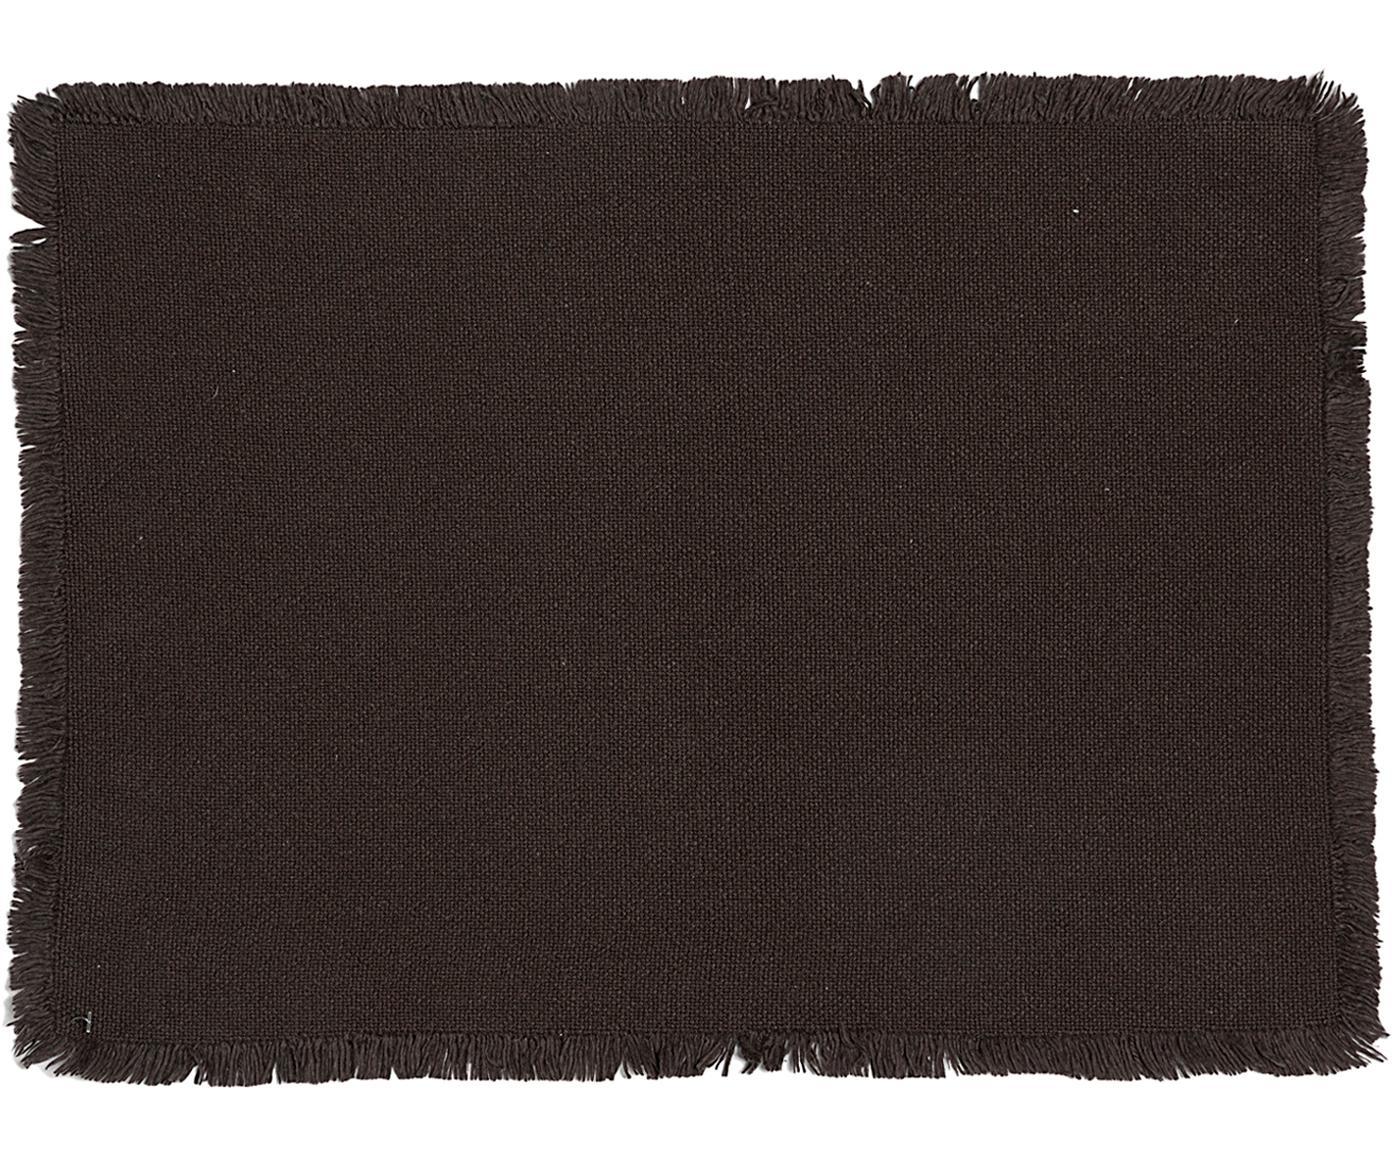 Podkładka Kivia, 2 szt., Bawełna, Antracytowy, S 35 x D 45 cm